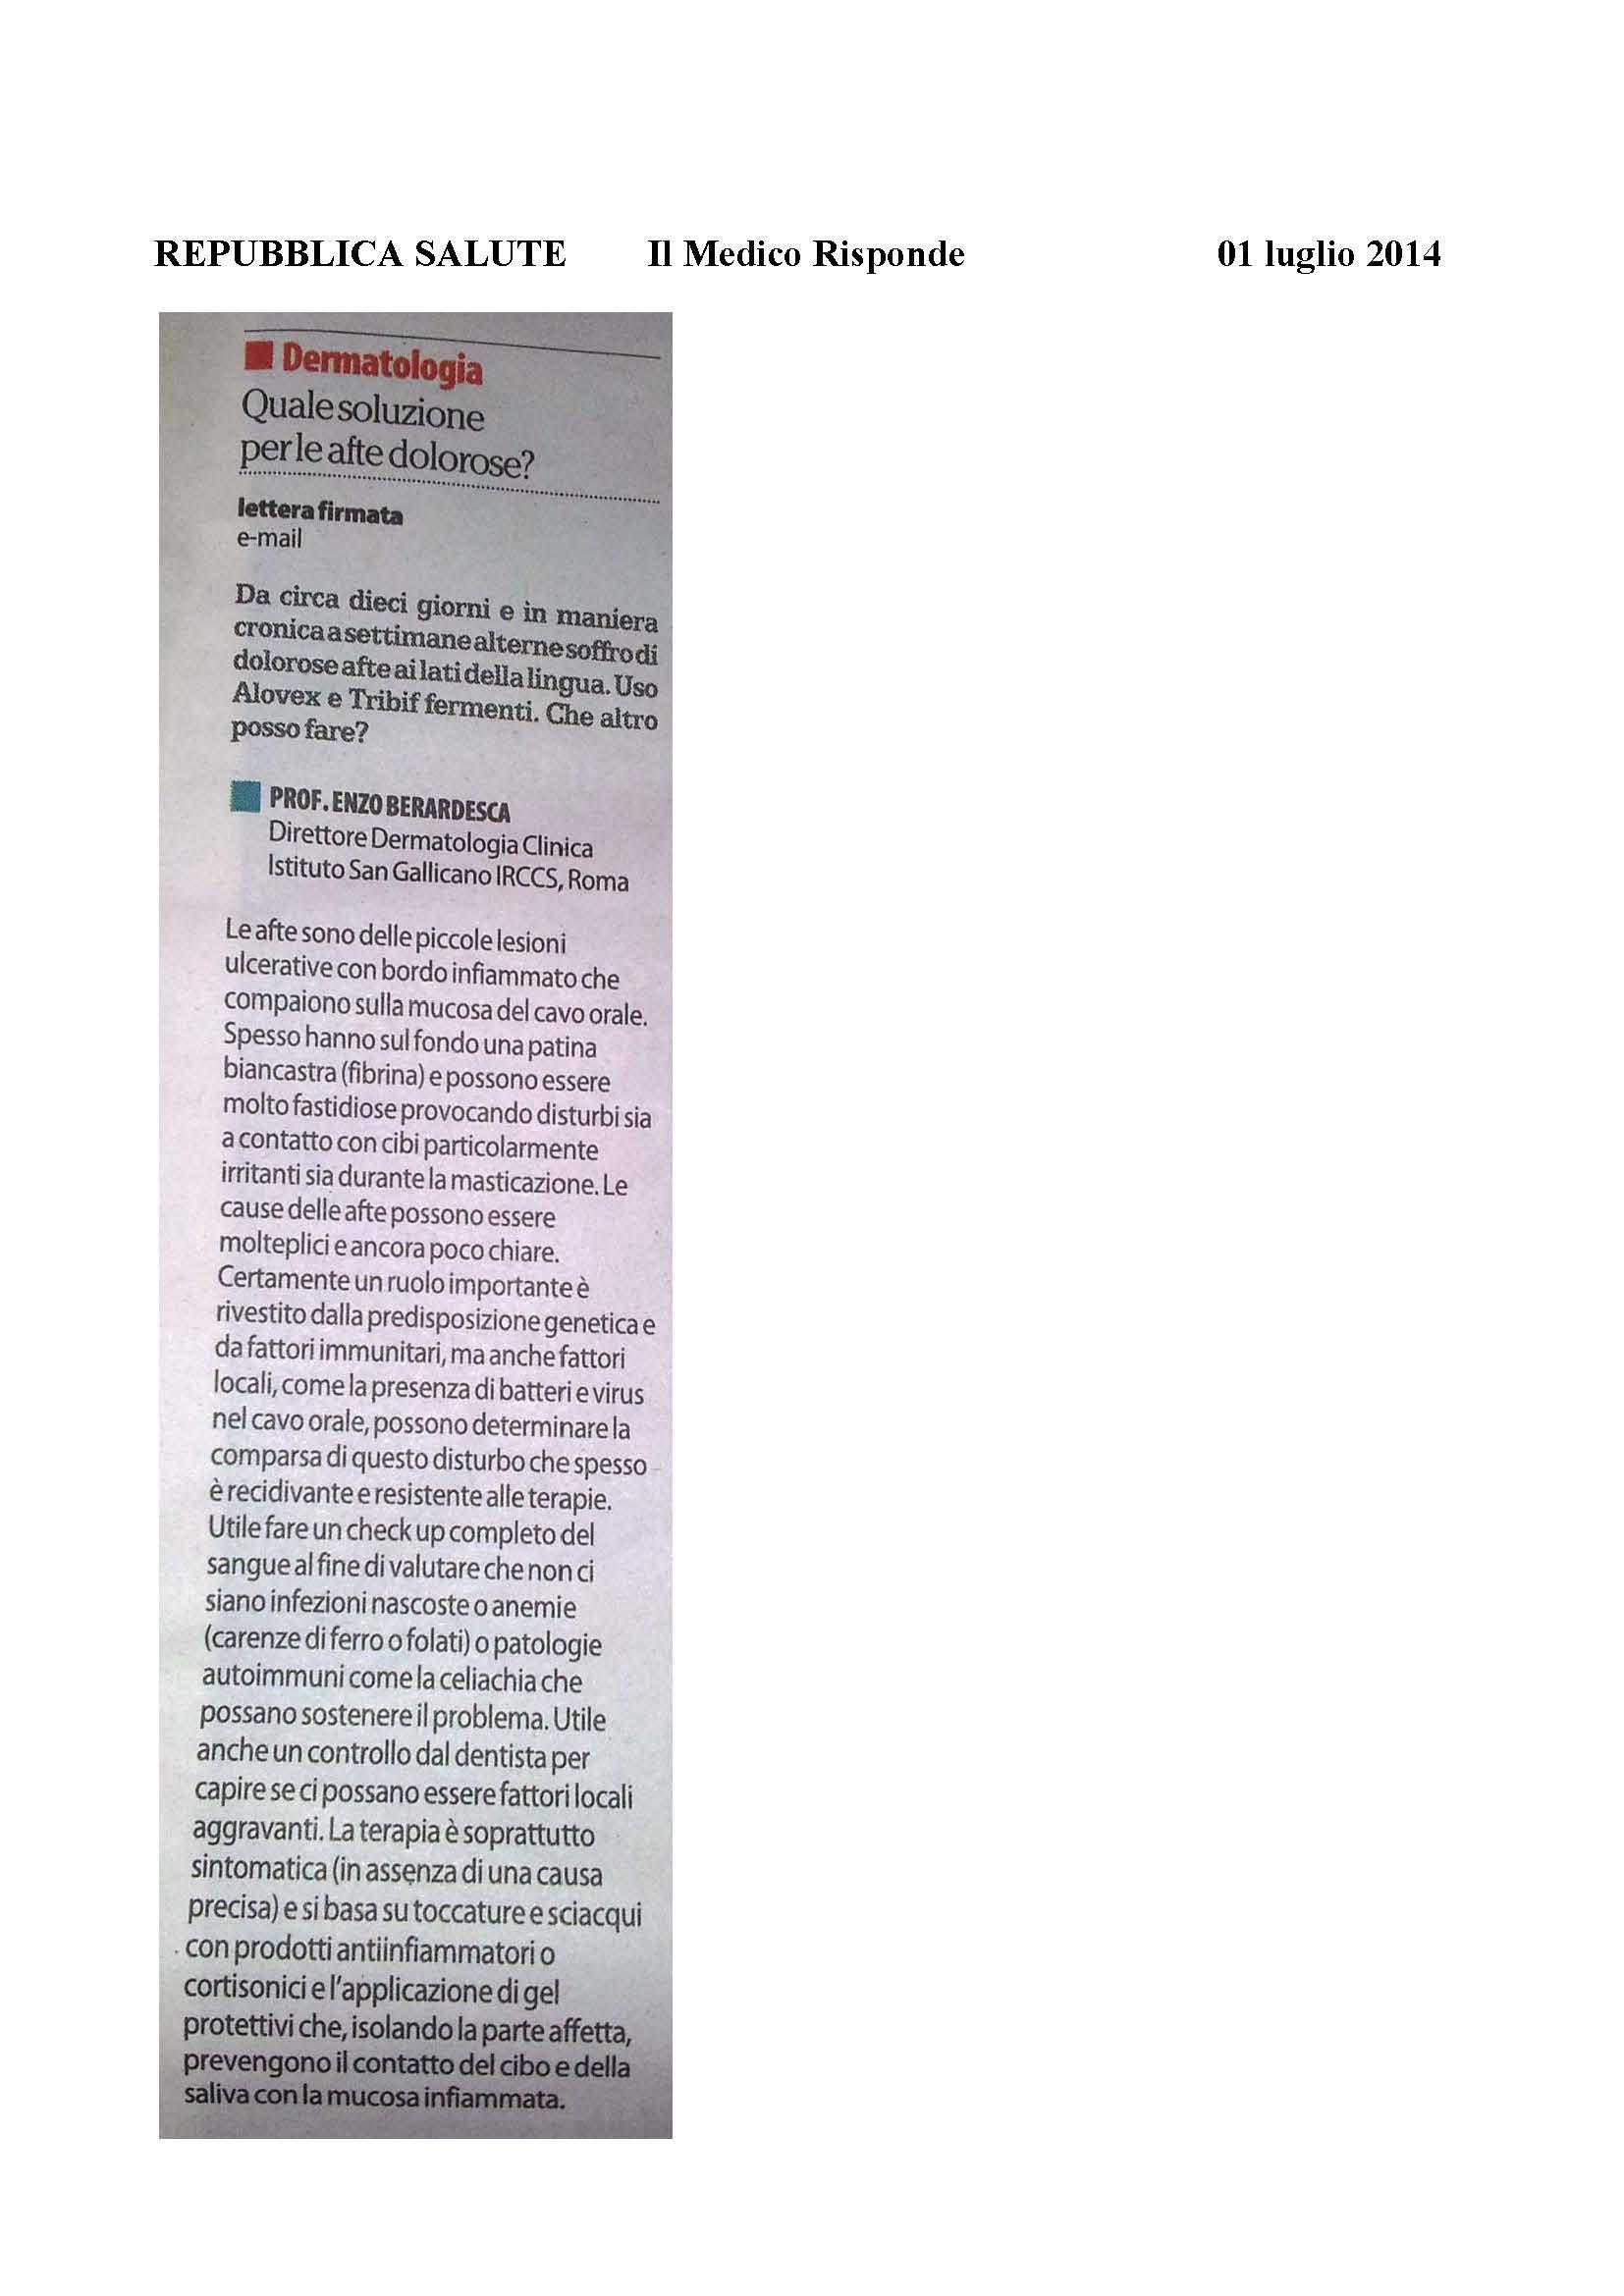 REPUBBLICA SALUTE Il Medico Risponde     01 luglio 2014_Page_1